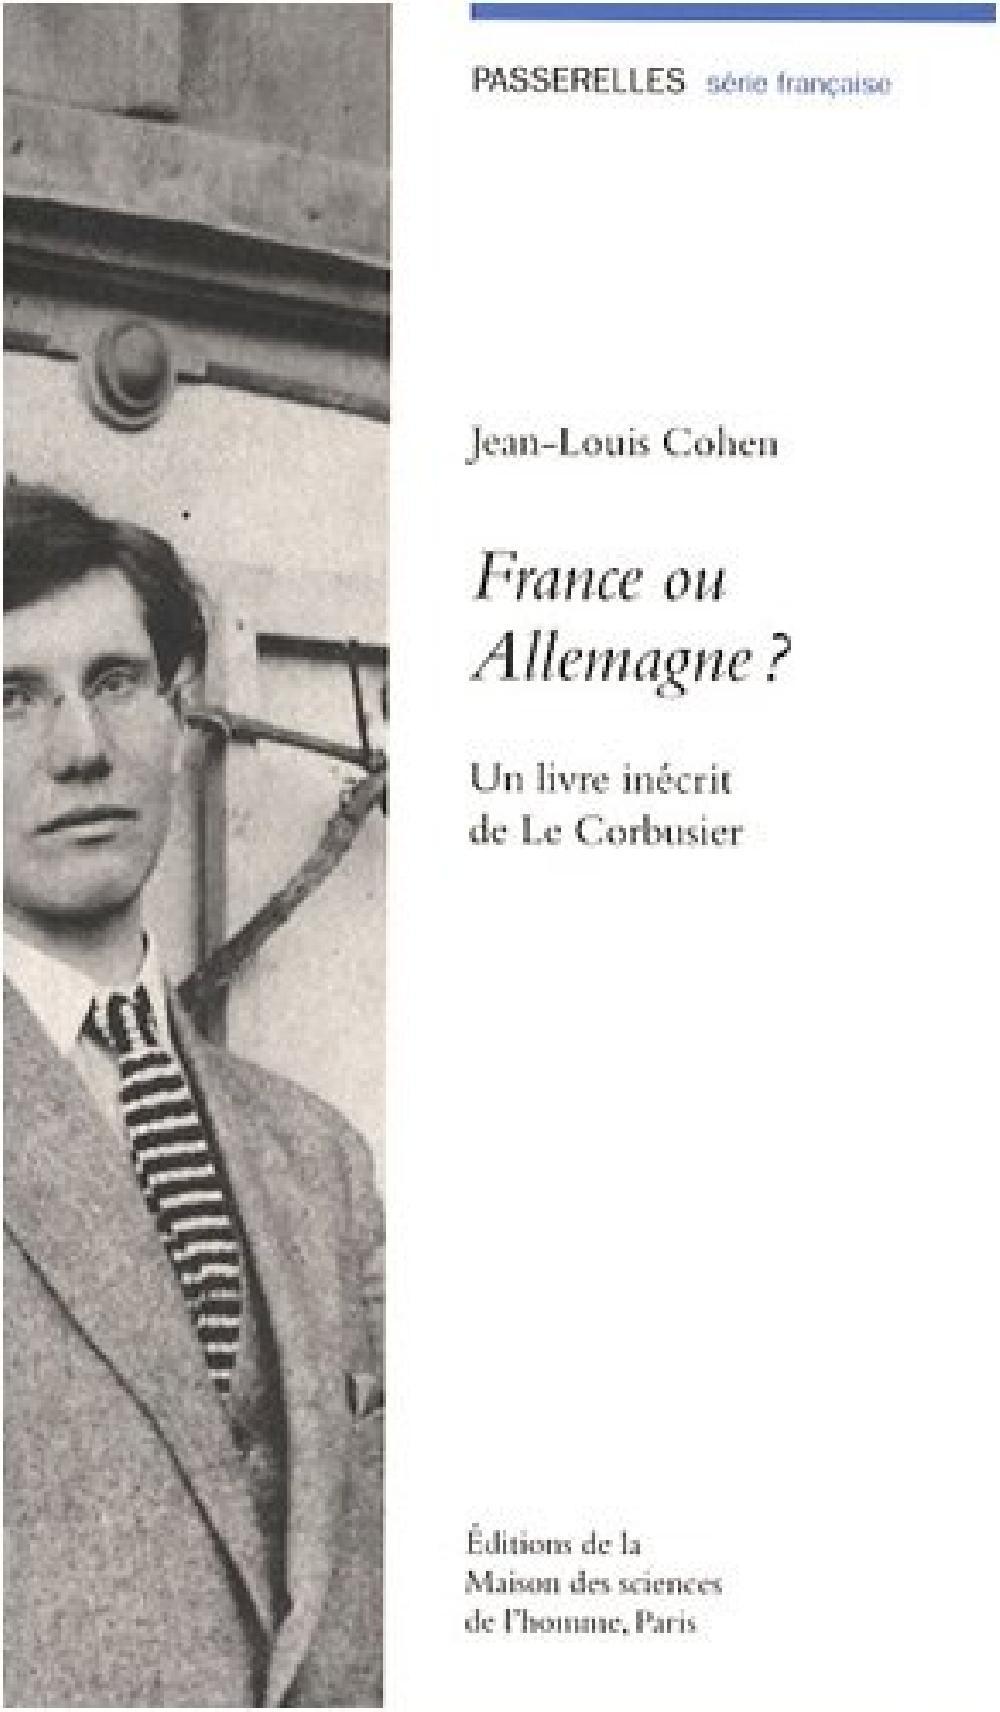 France ou Allemagne ? Un livre inécrit de Le Corbusier